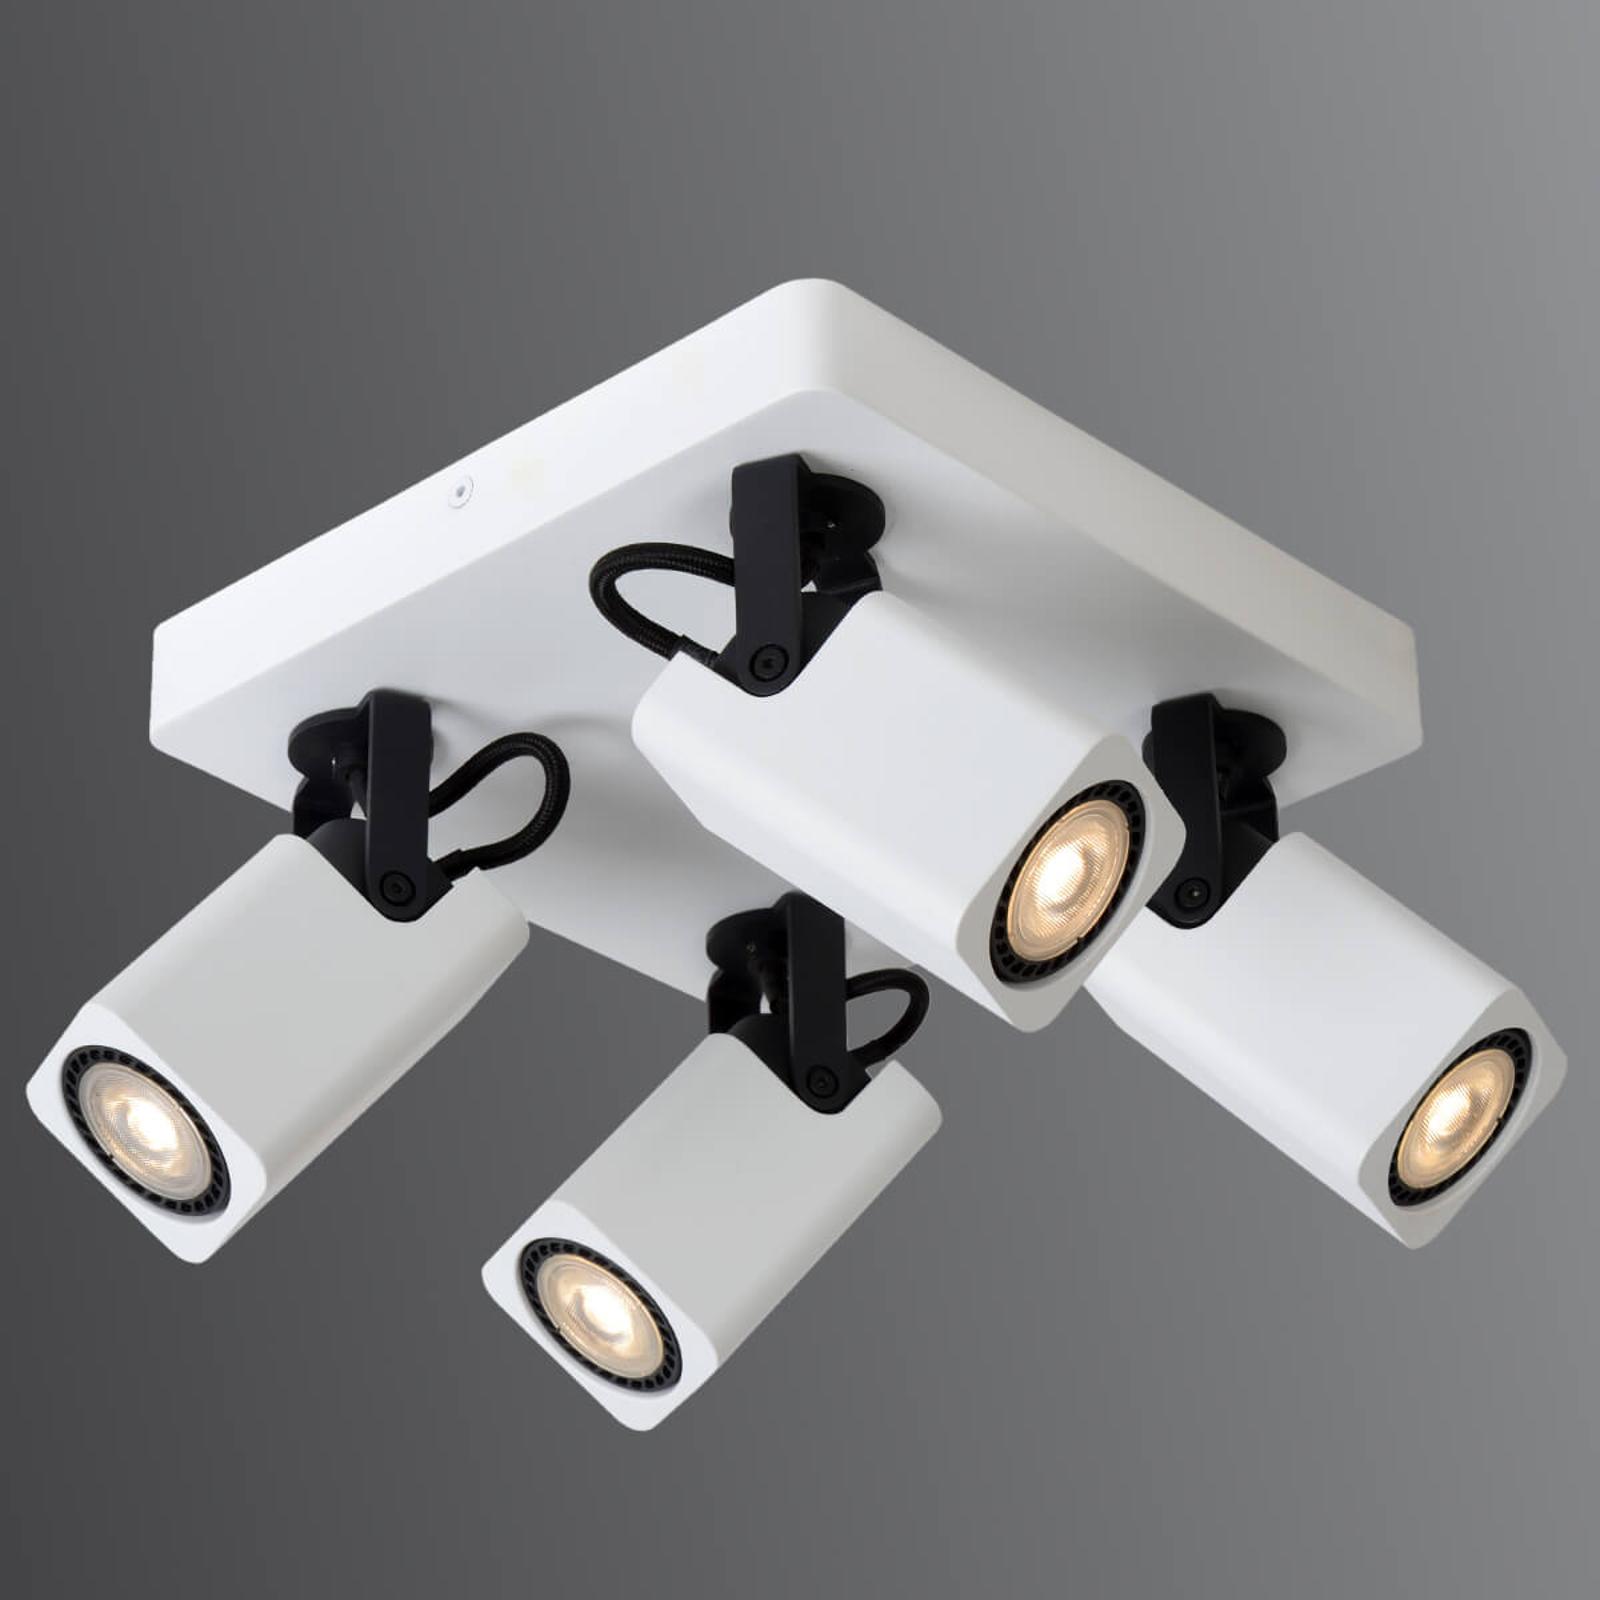 LED-loftsspot Roax med 4 lyskilder